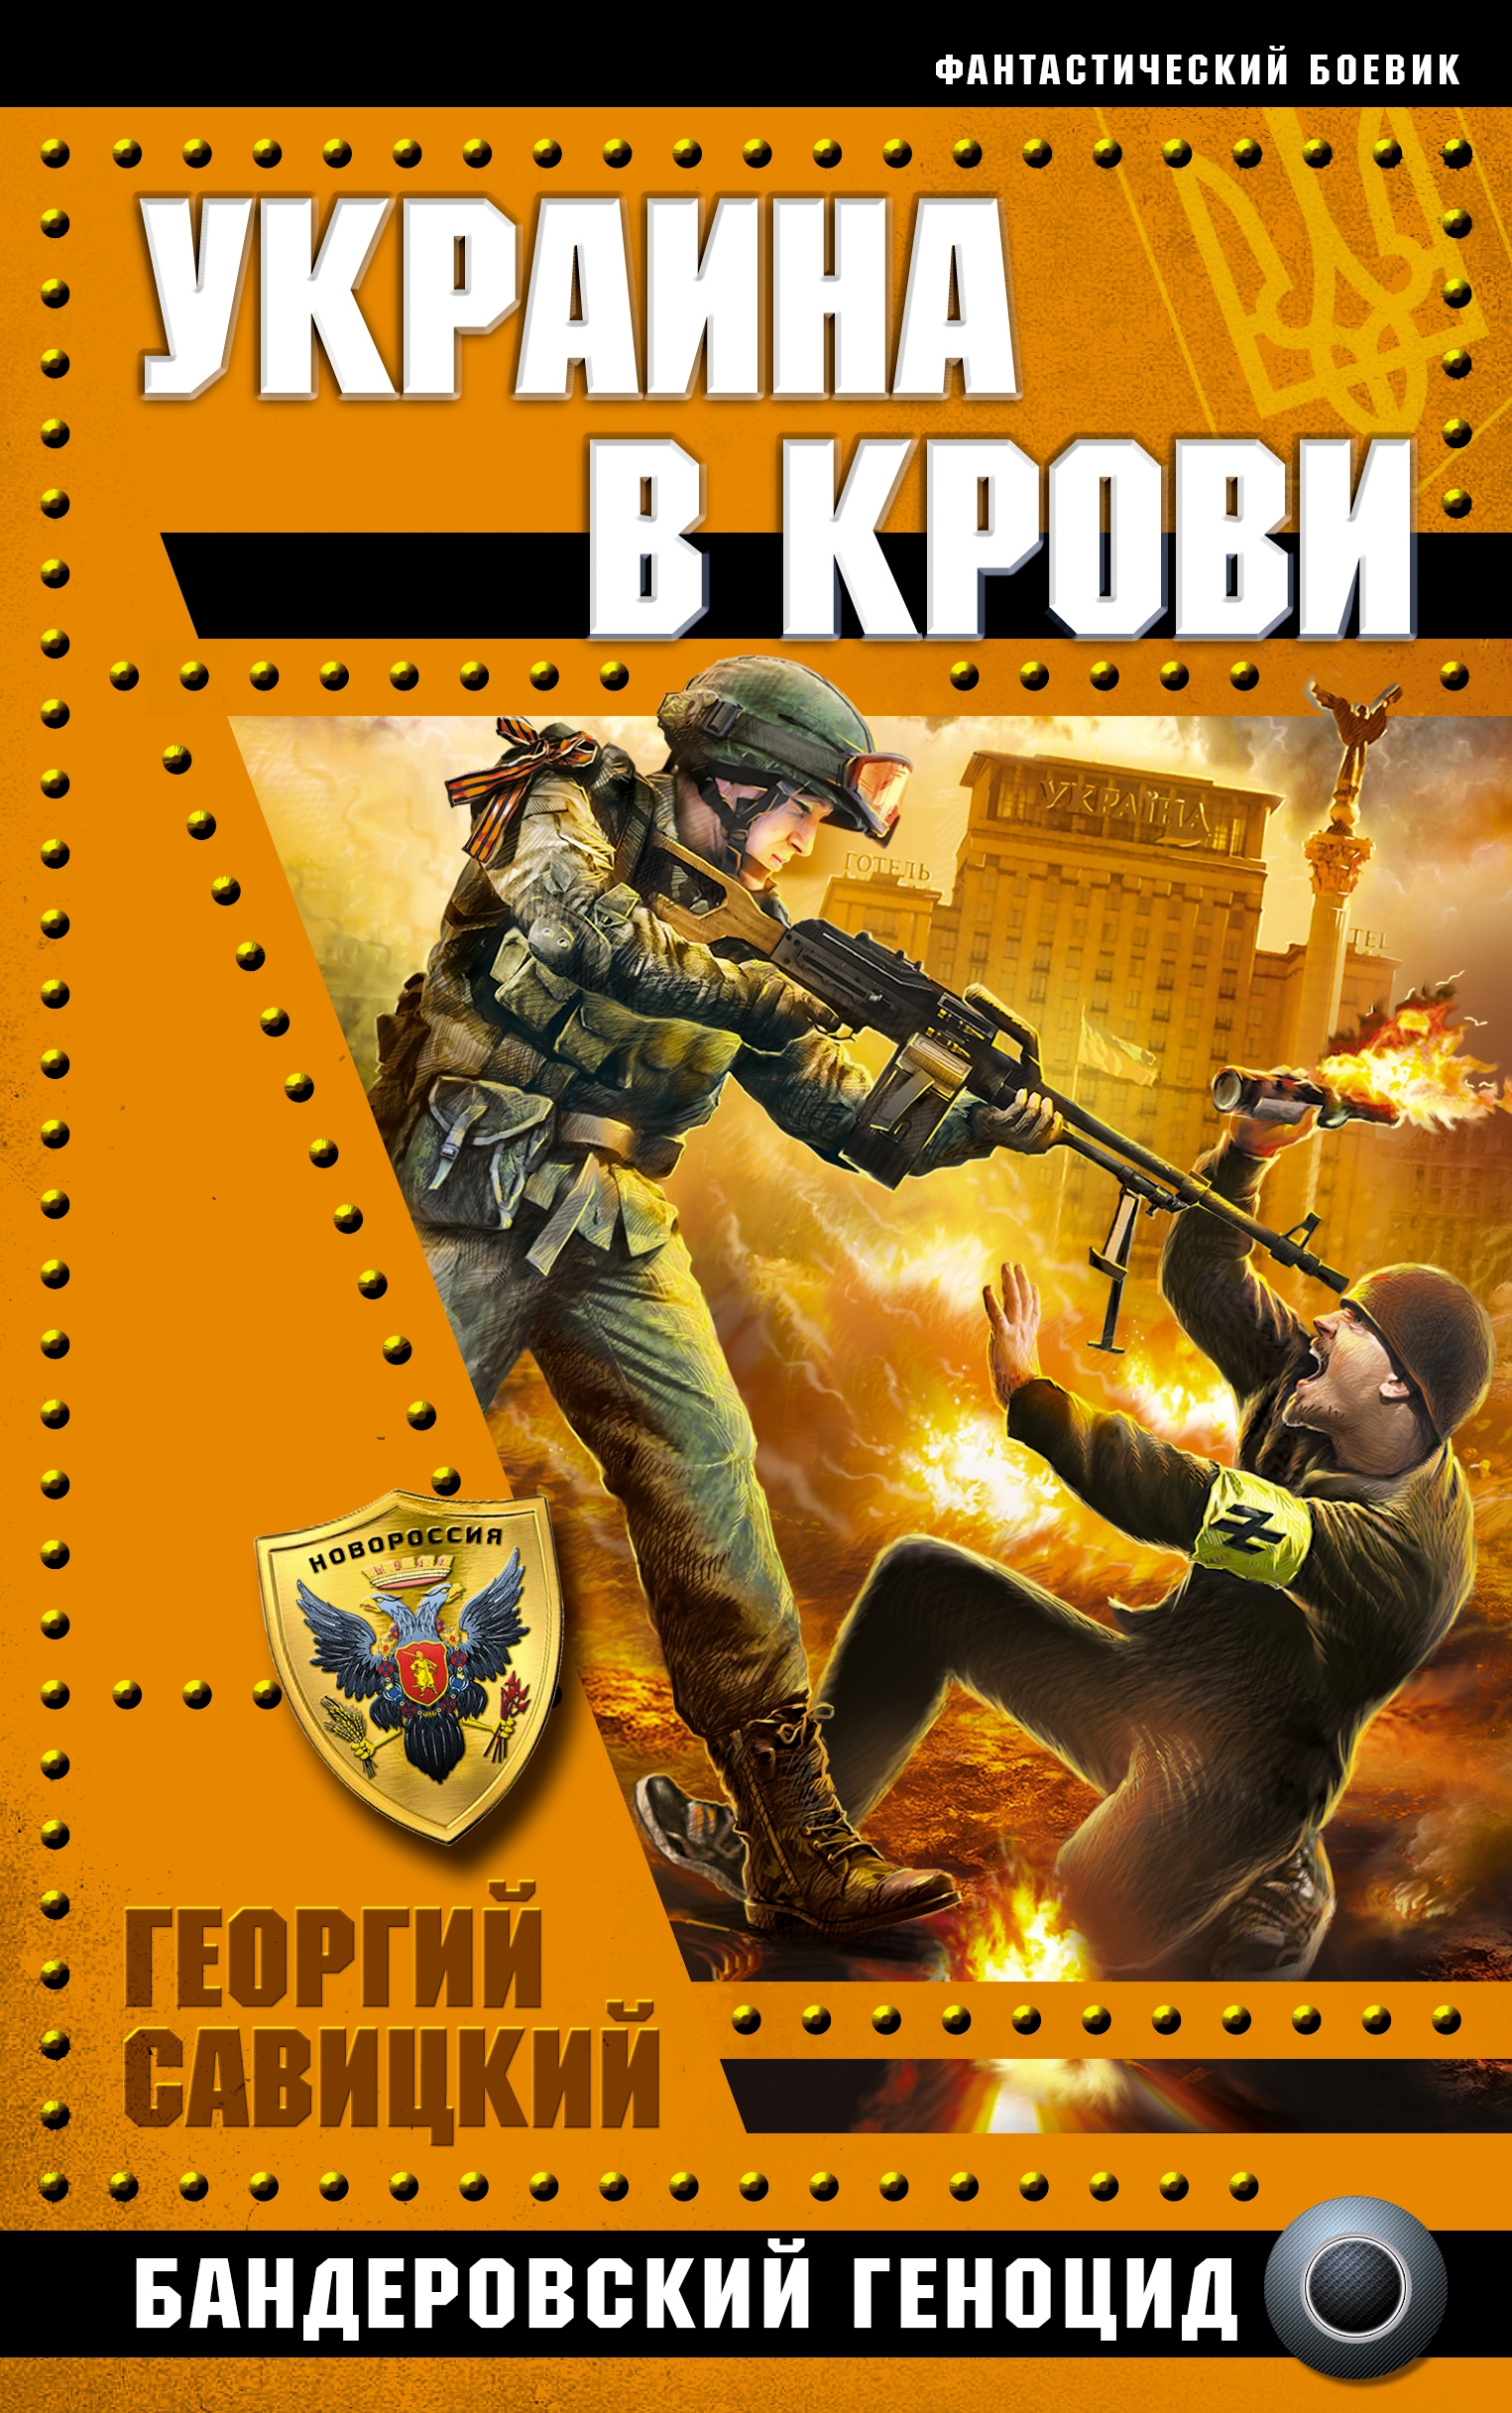 Георгий Саицкий Украина крои. Бандероский геноцид